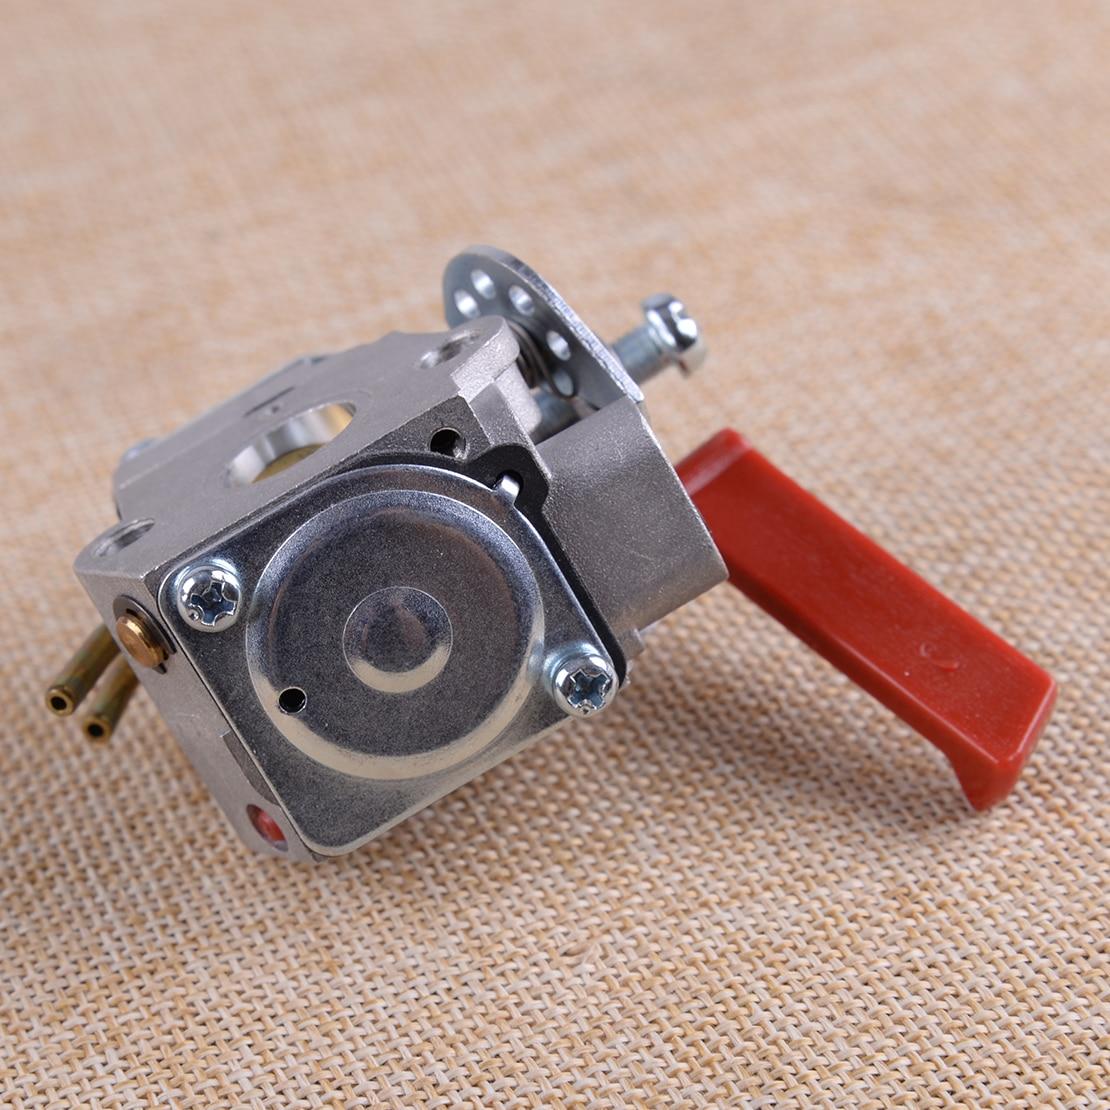 Kit Tool Prof 250/Zubeh/örteile f/ür Turbothrust-S/äge